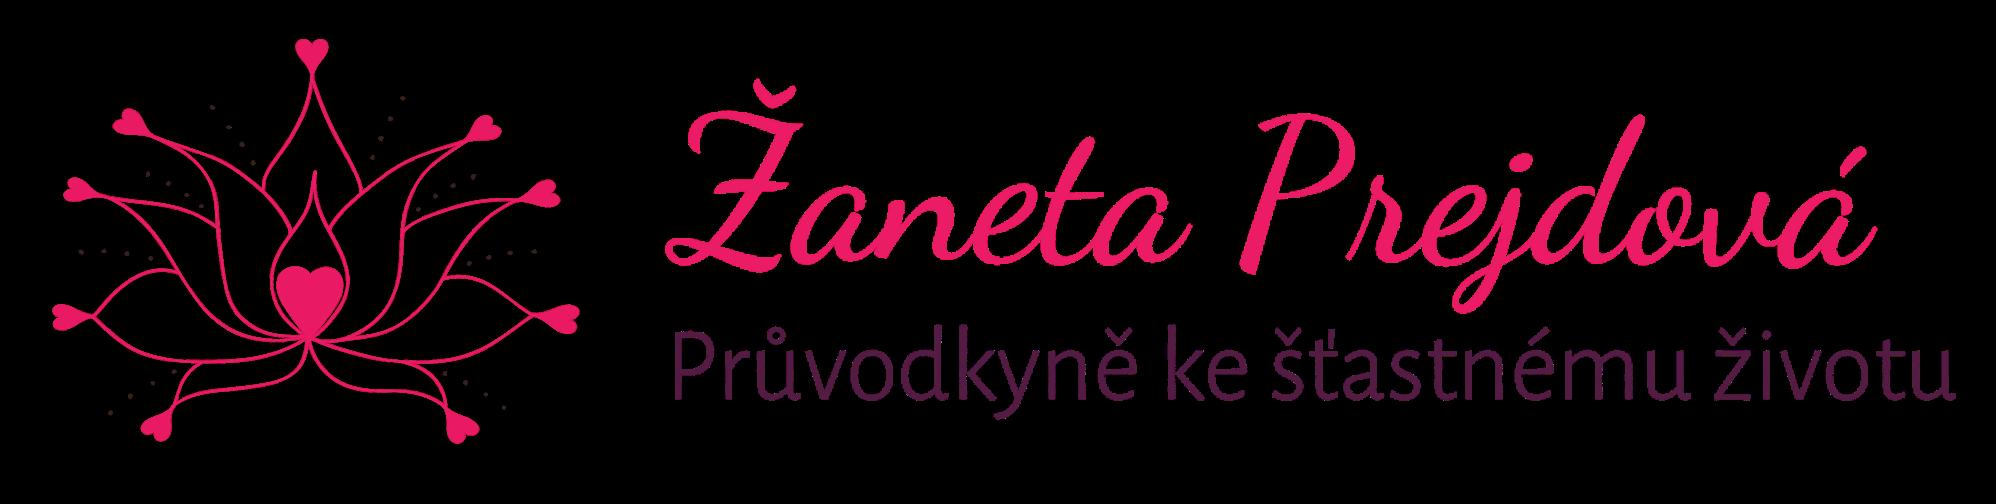 Žanet Prejdová - BLOG